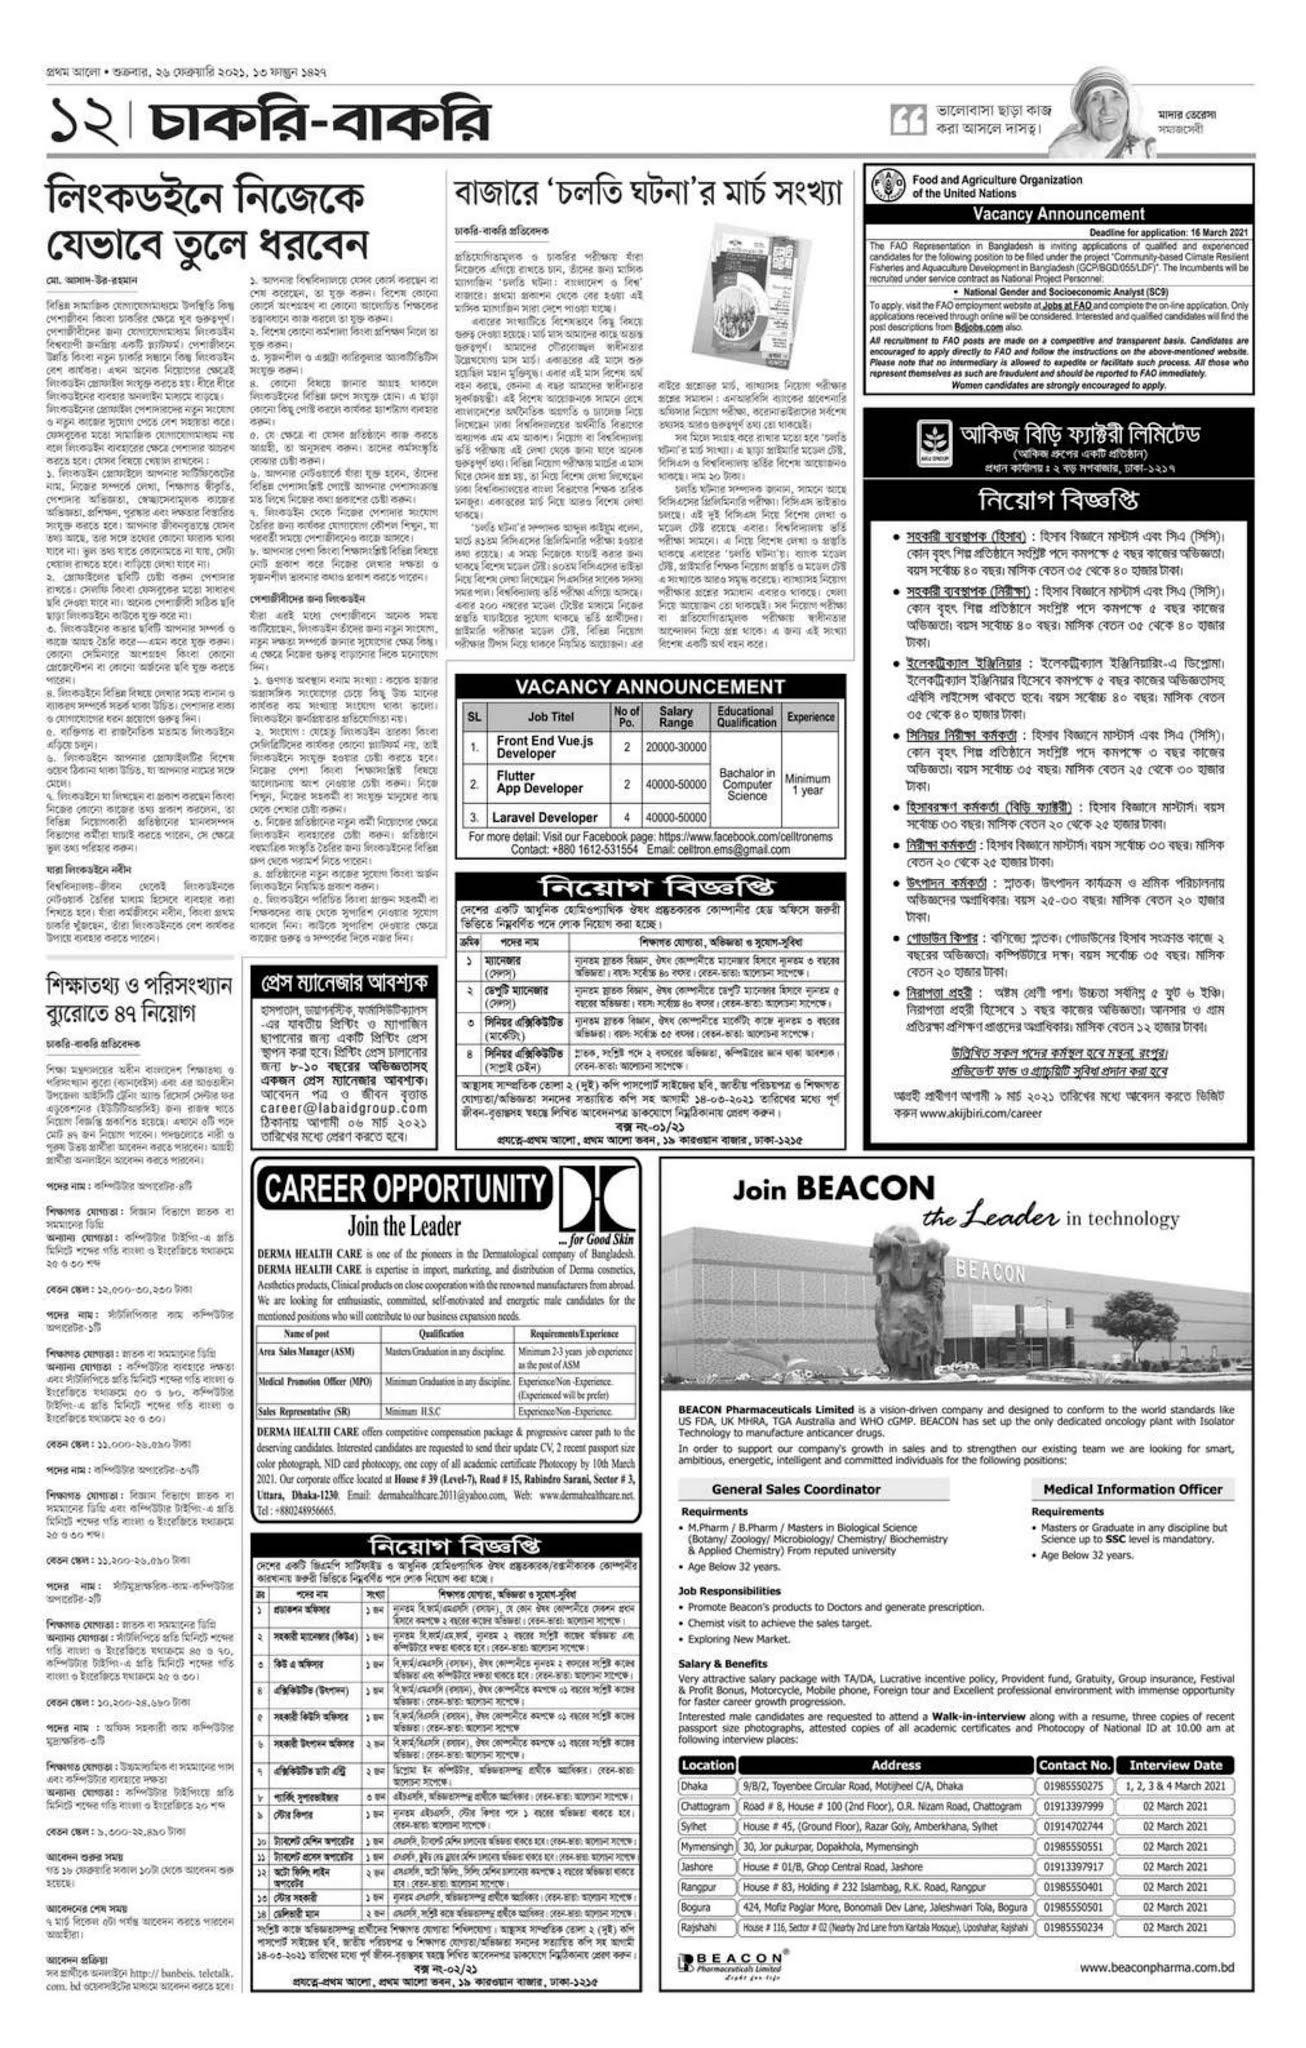 সাপ্তাহিক চাকরির পত্রিকাঃ চাকরি বাকরি - ২৬ ফেব্রুয়ারি ২০২১